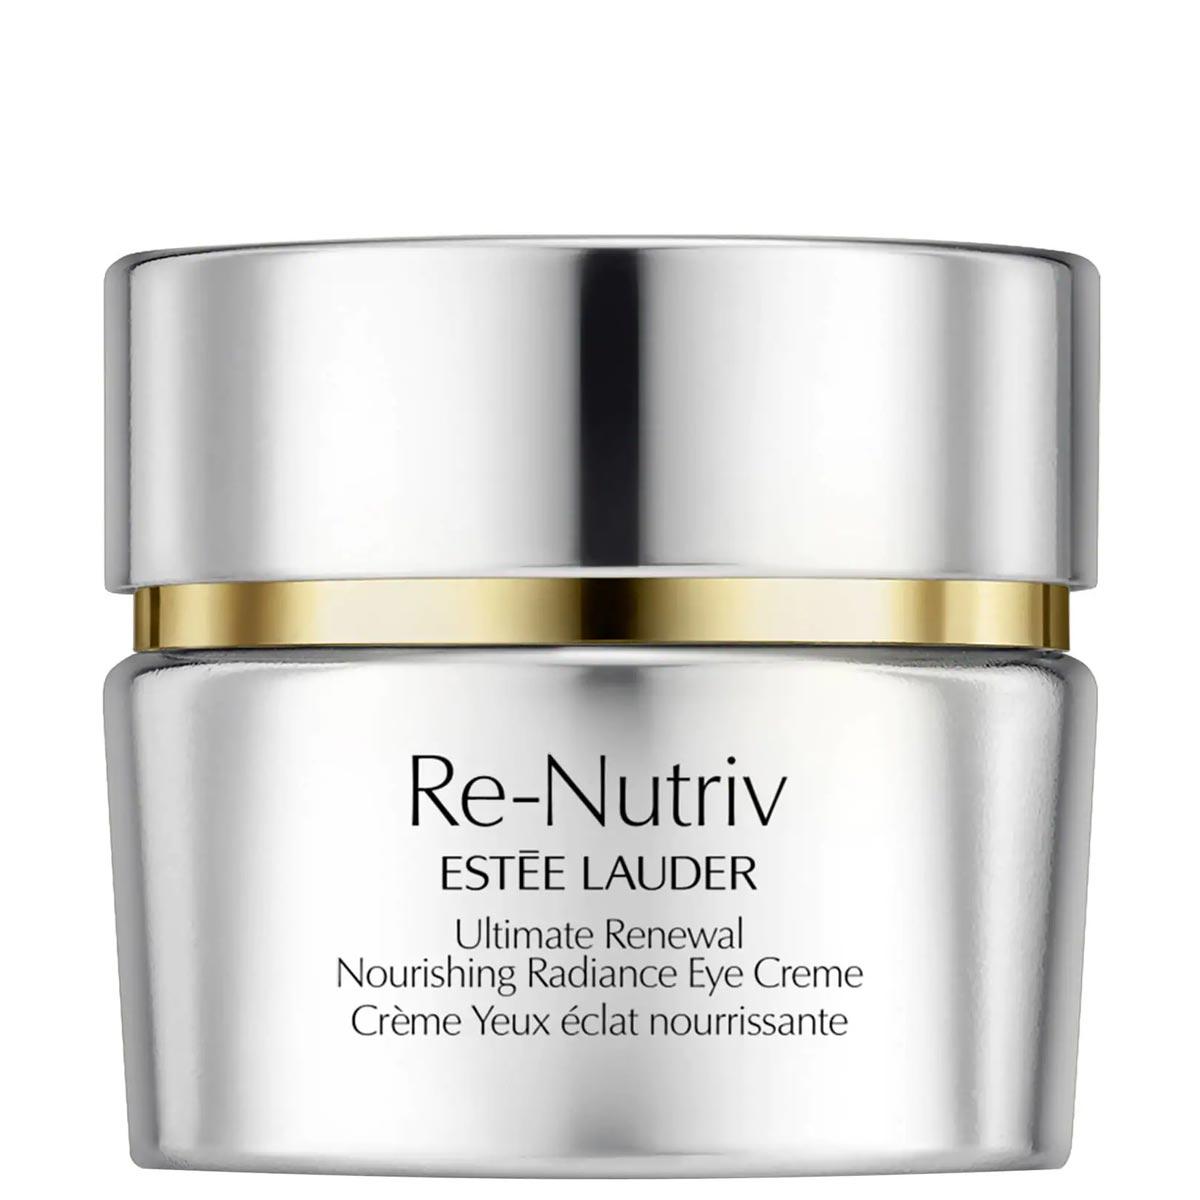 Estée Lauder - Re-Nutriv Ultimate Renewal - Crème Contour des Yeux Éclat Nourrissante 15 ml